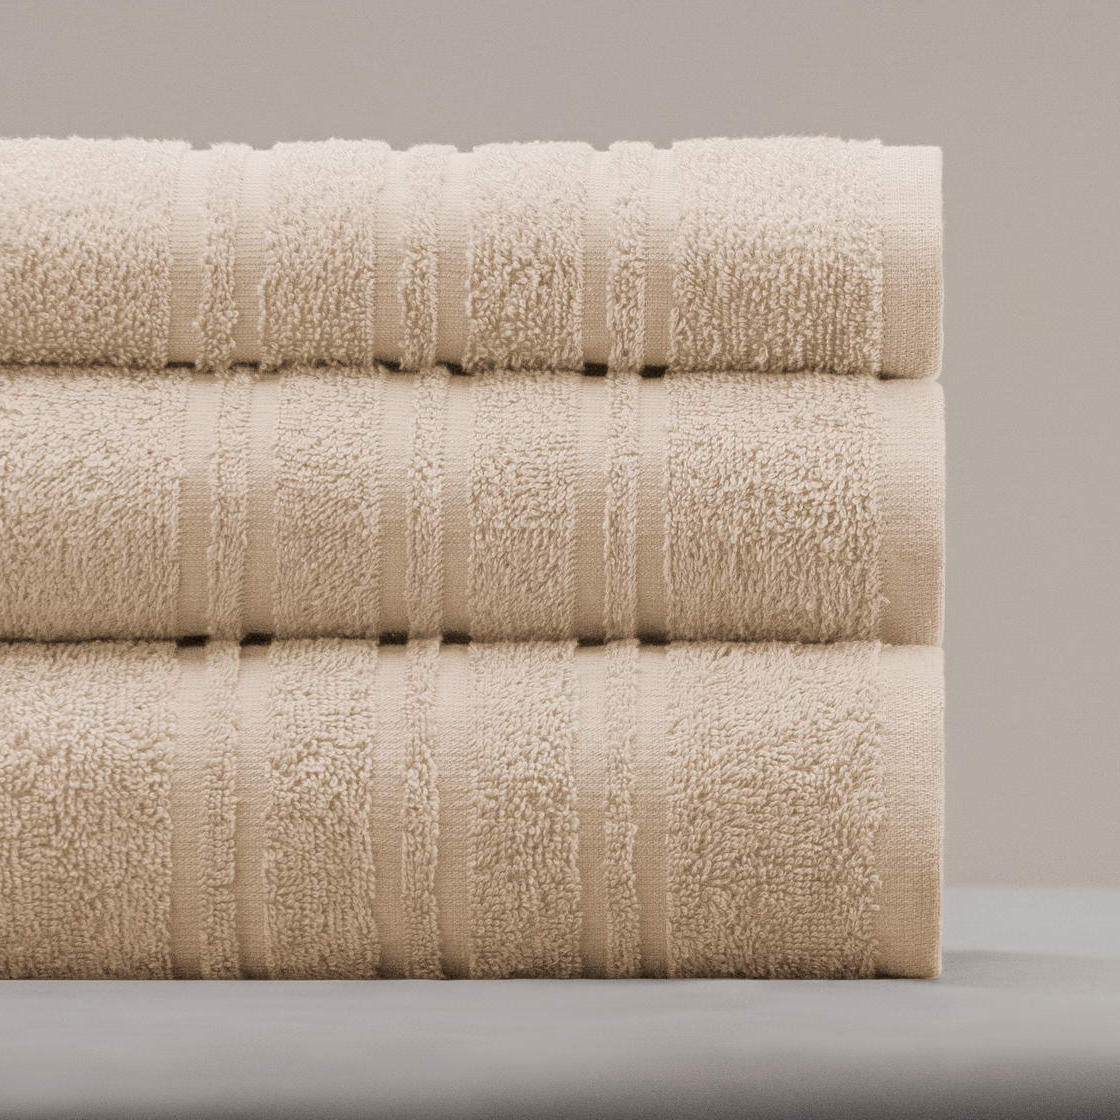 Махровое полотенце Sofi De Marko Monica кремовое 70х140 см полотенце sofi de marko ronald кремовое 70х140 см